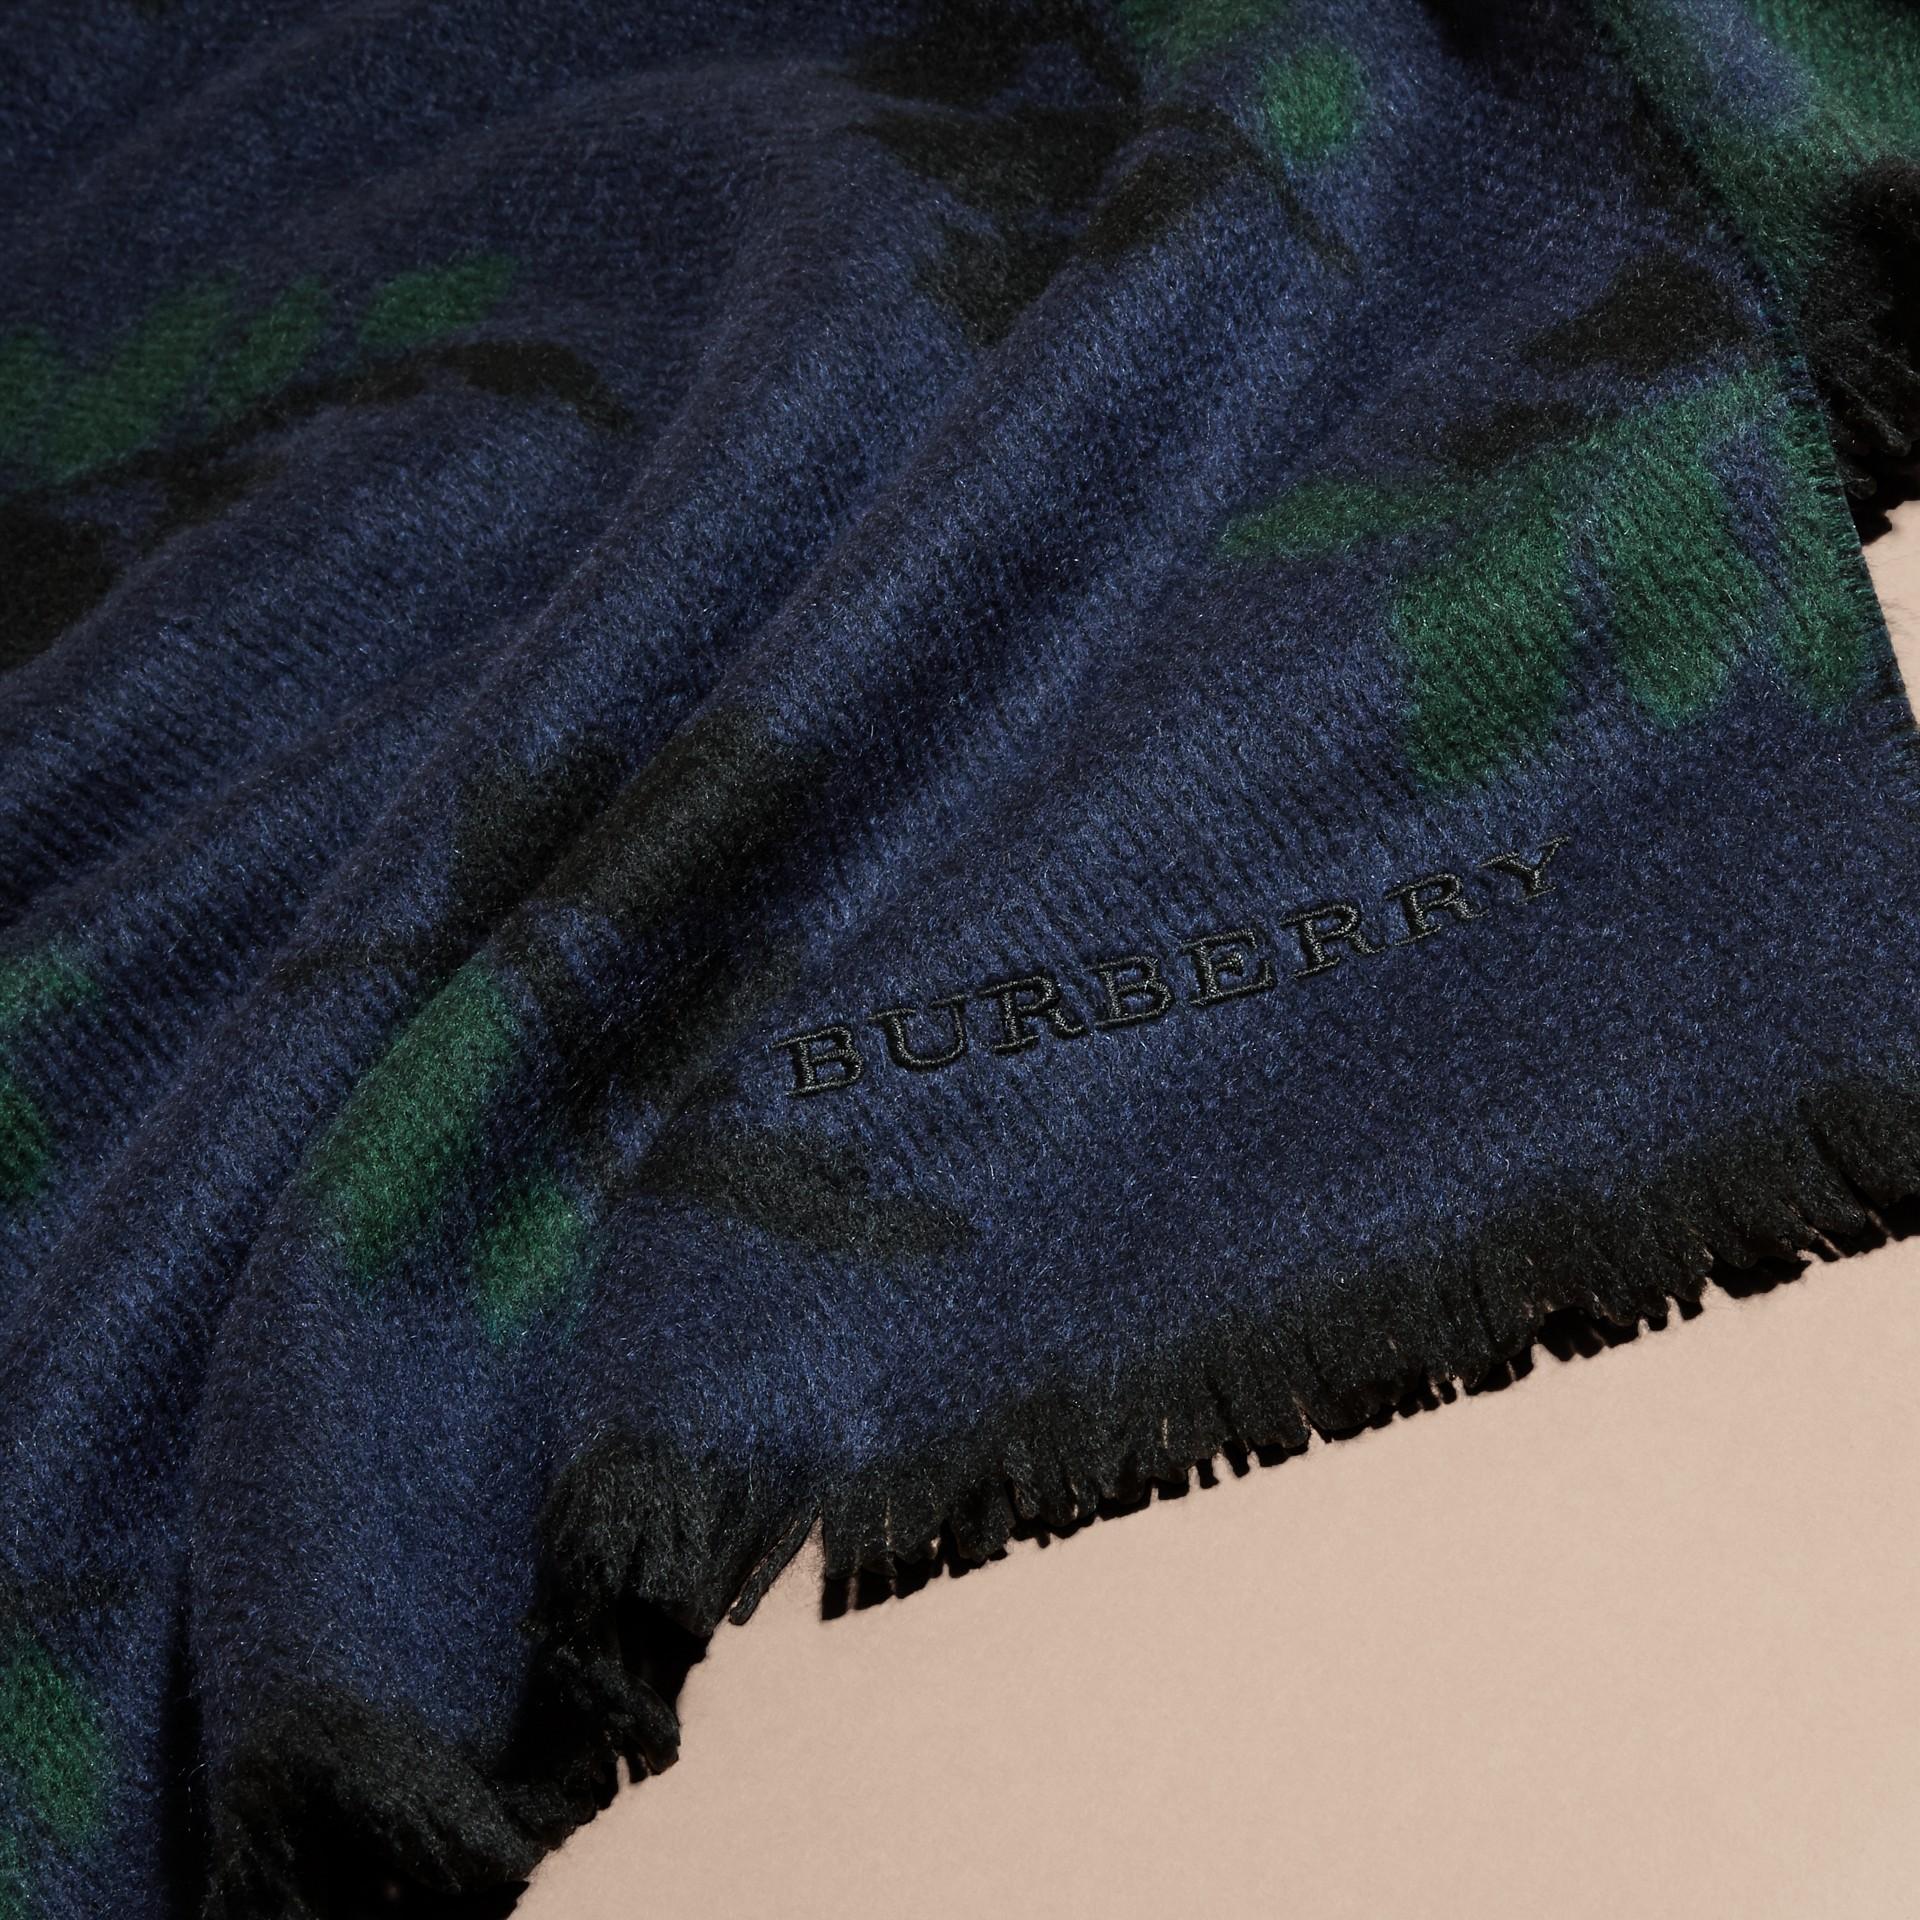 Marine Écharpe en cachemire à motif feuillage tissé en jacquard Marine - photo de la galerie 2